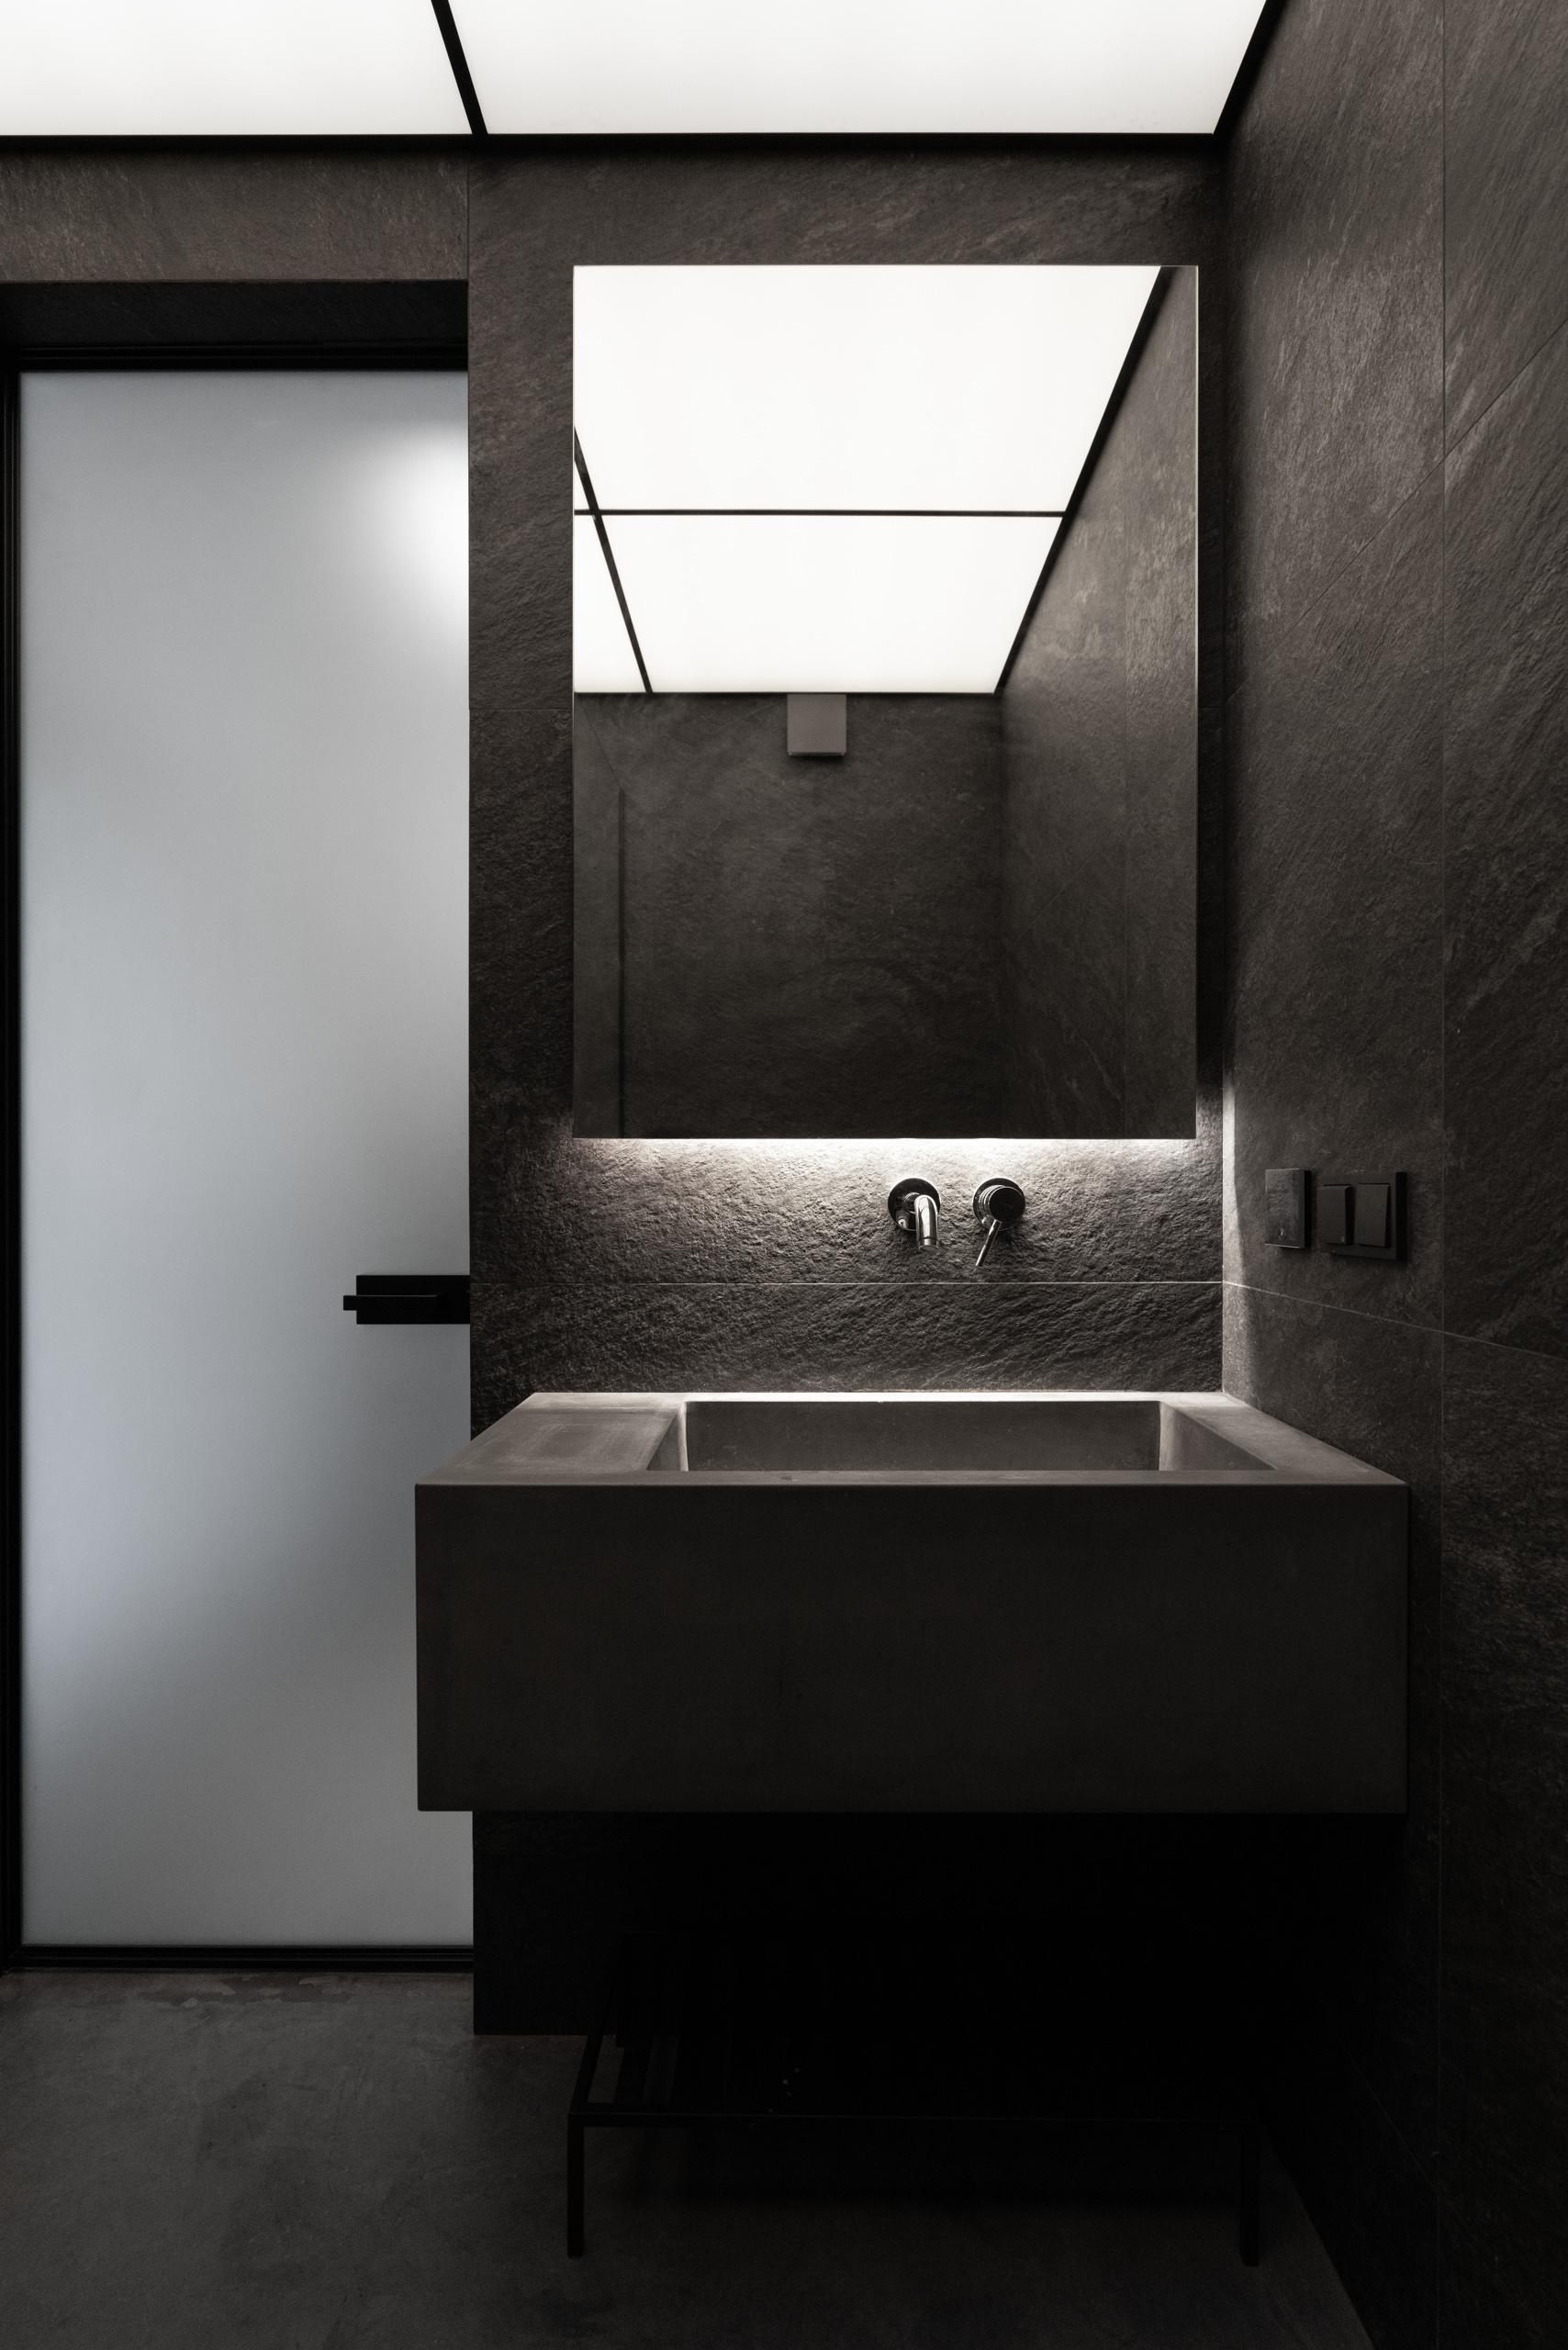 Фотосъемка дизайна интерьера санузла в темных тонах